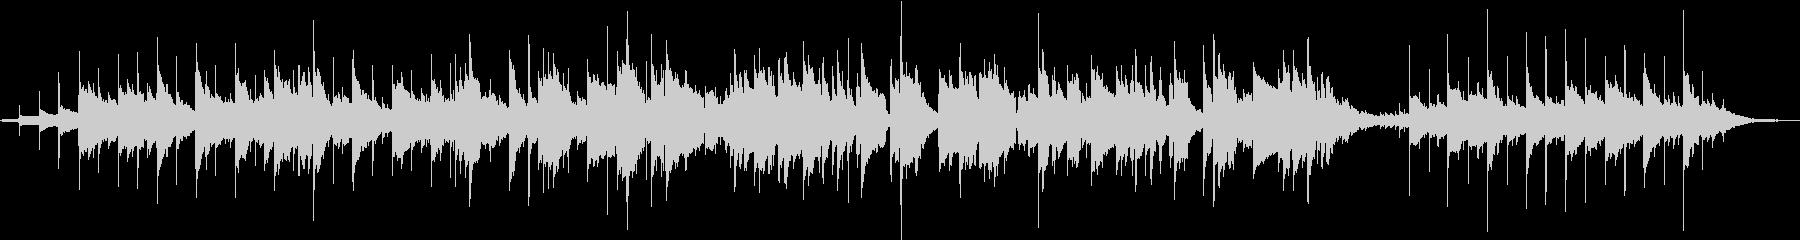 アコーステックギターの切ないBGMの未再生の波形